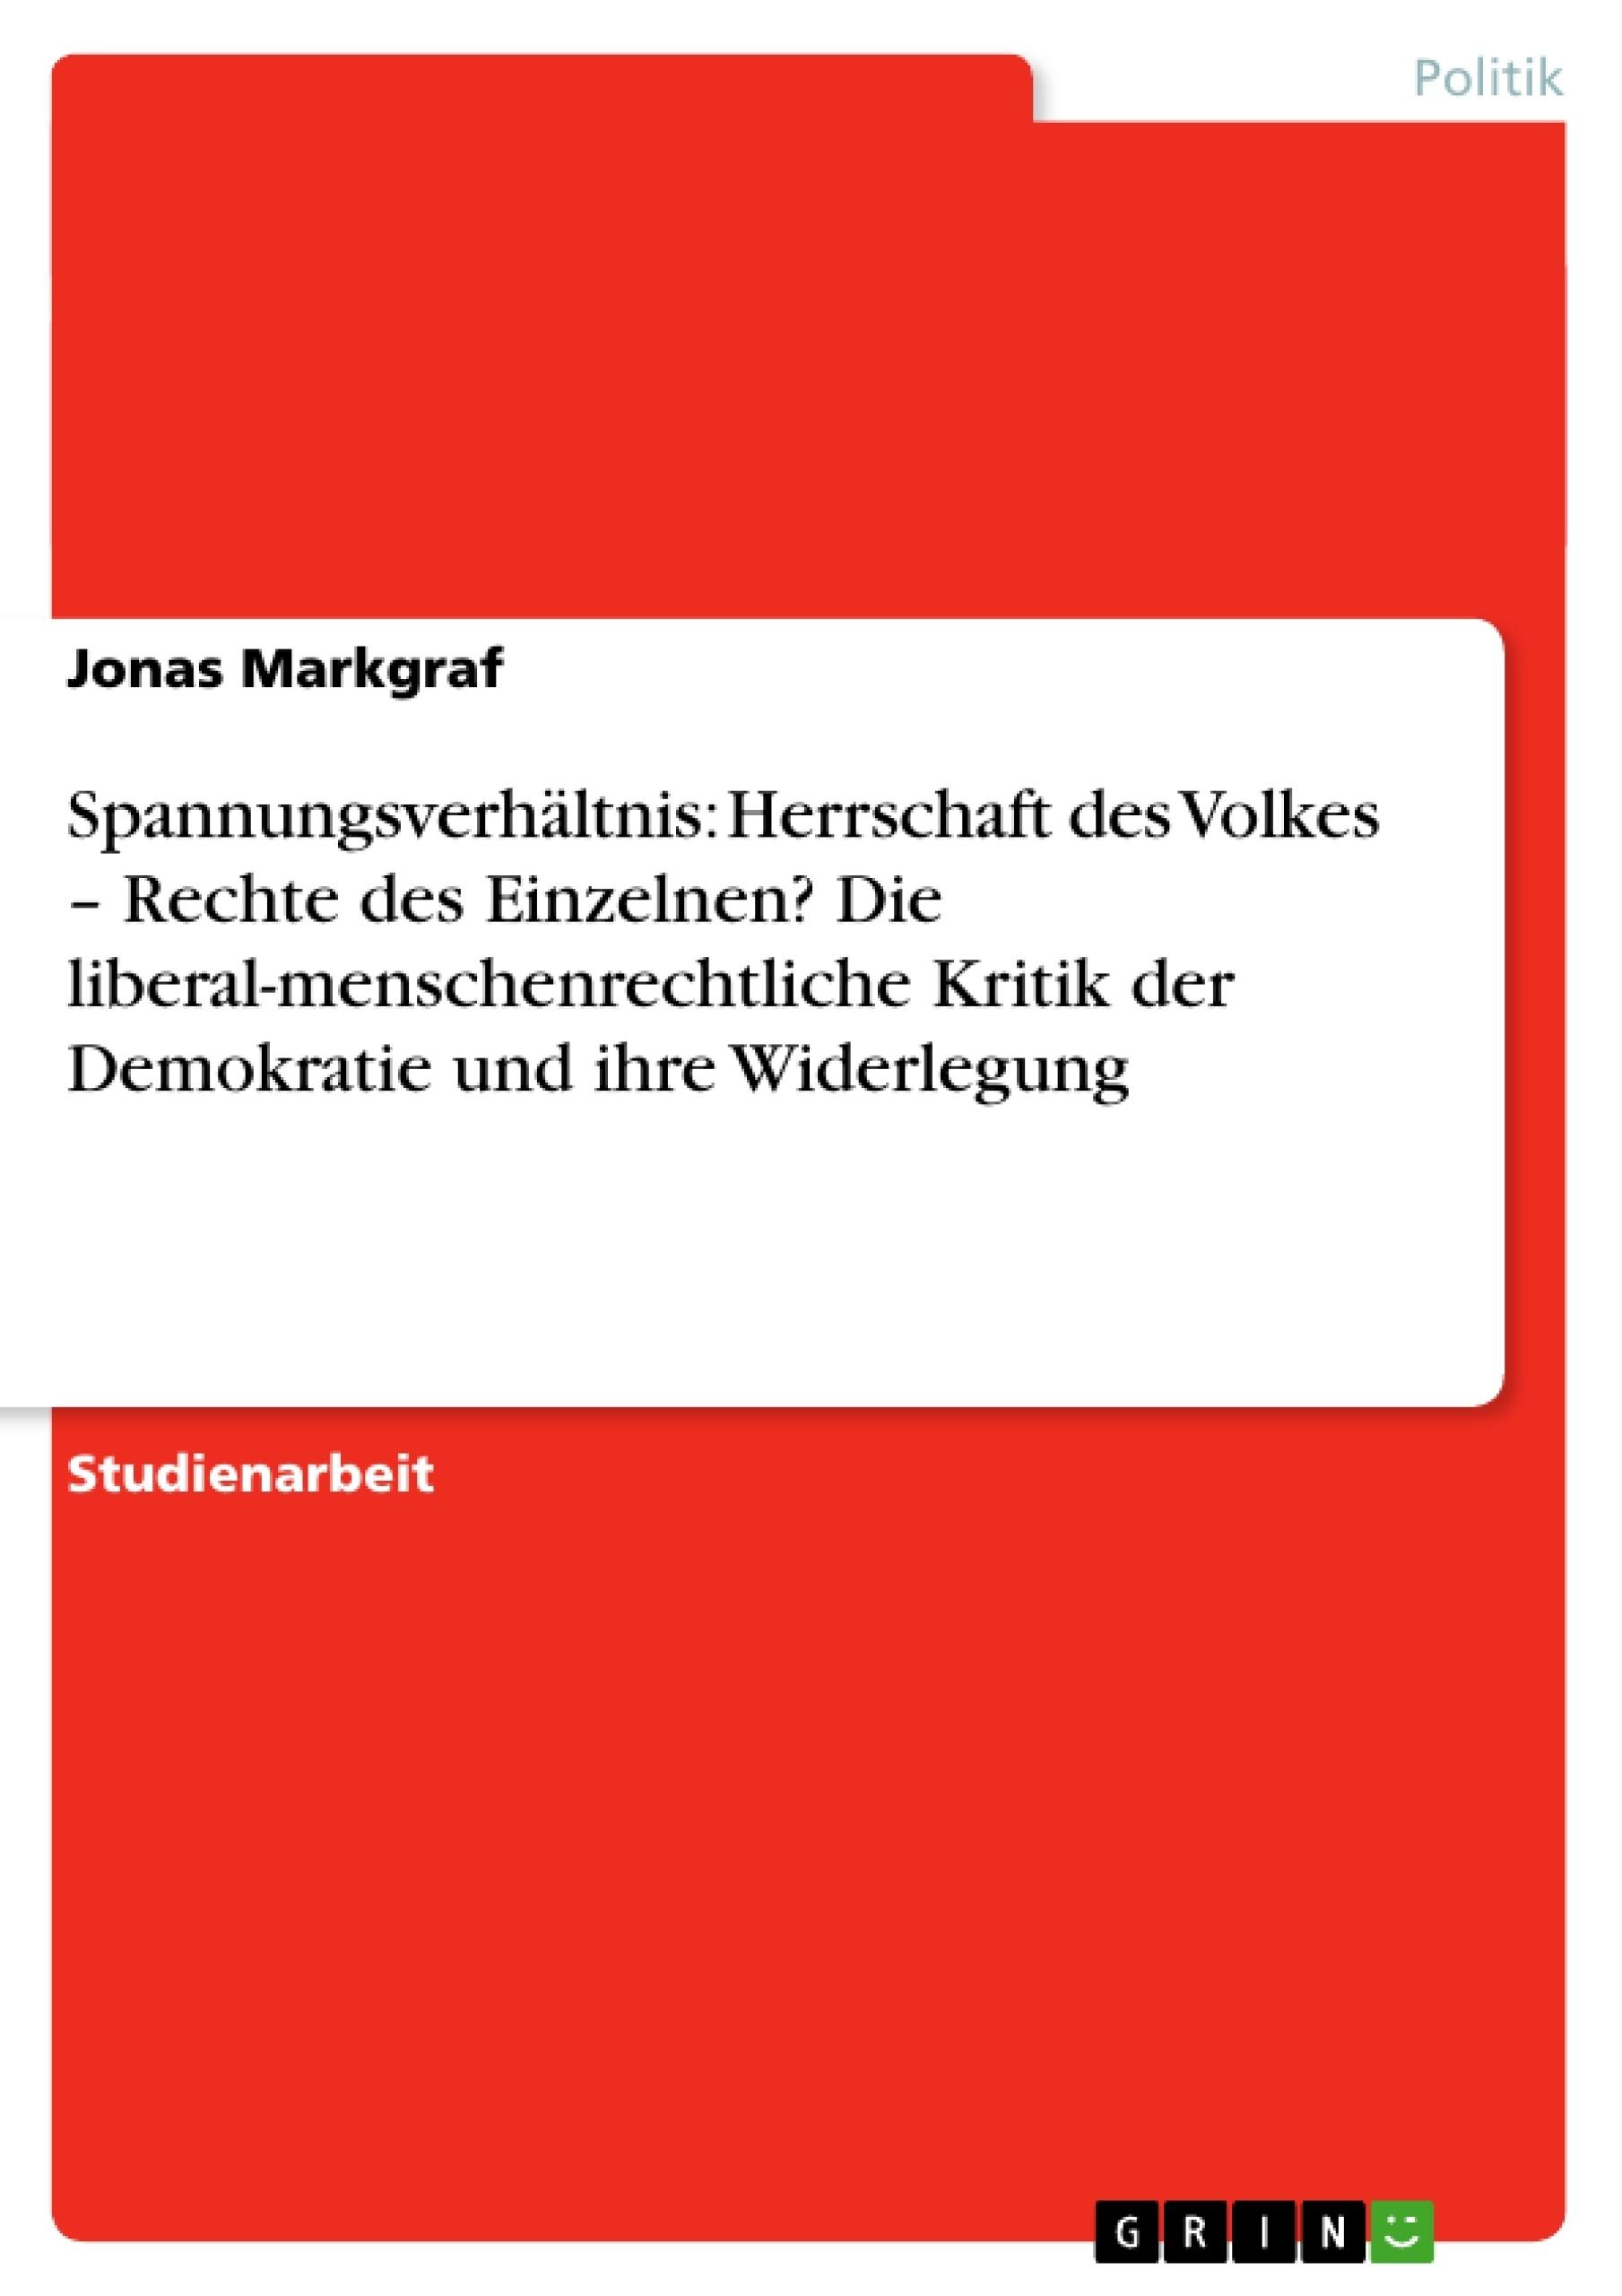 Titel: Spannungsverhältnis: Herrschaft des Volkes – Rechte des Einzelnen? Die liberal-menschenrechtliche Kritik der Demokratie und ihre Widerlegung